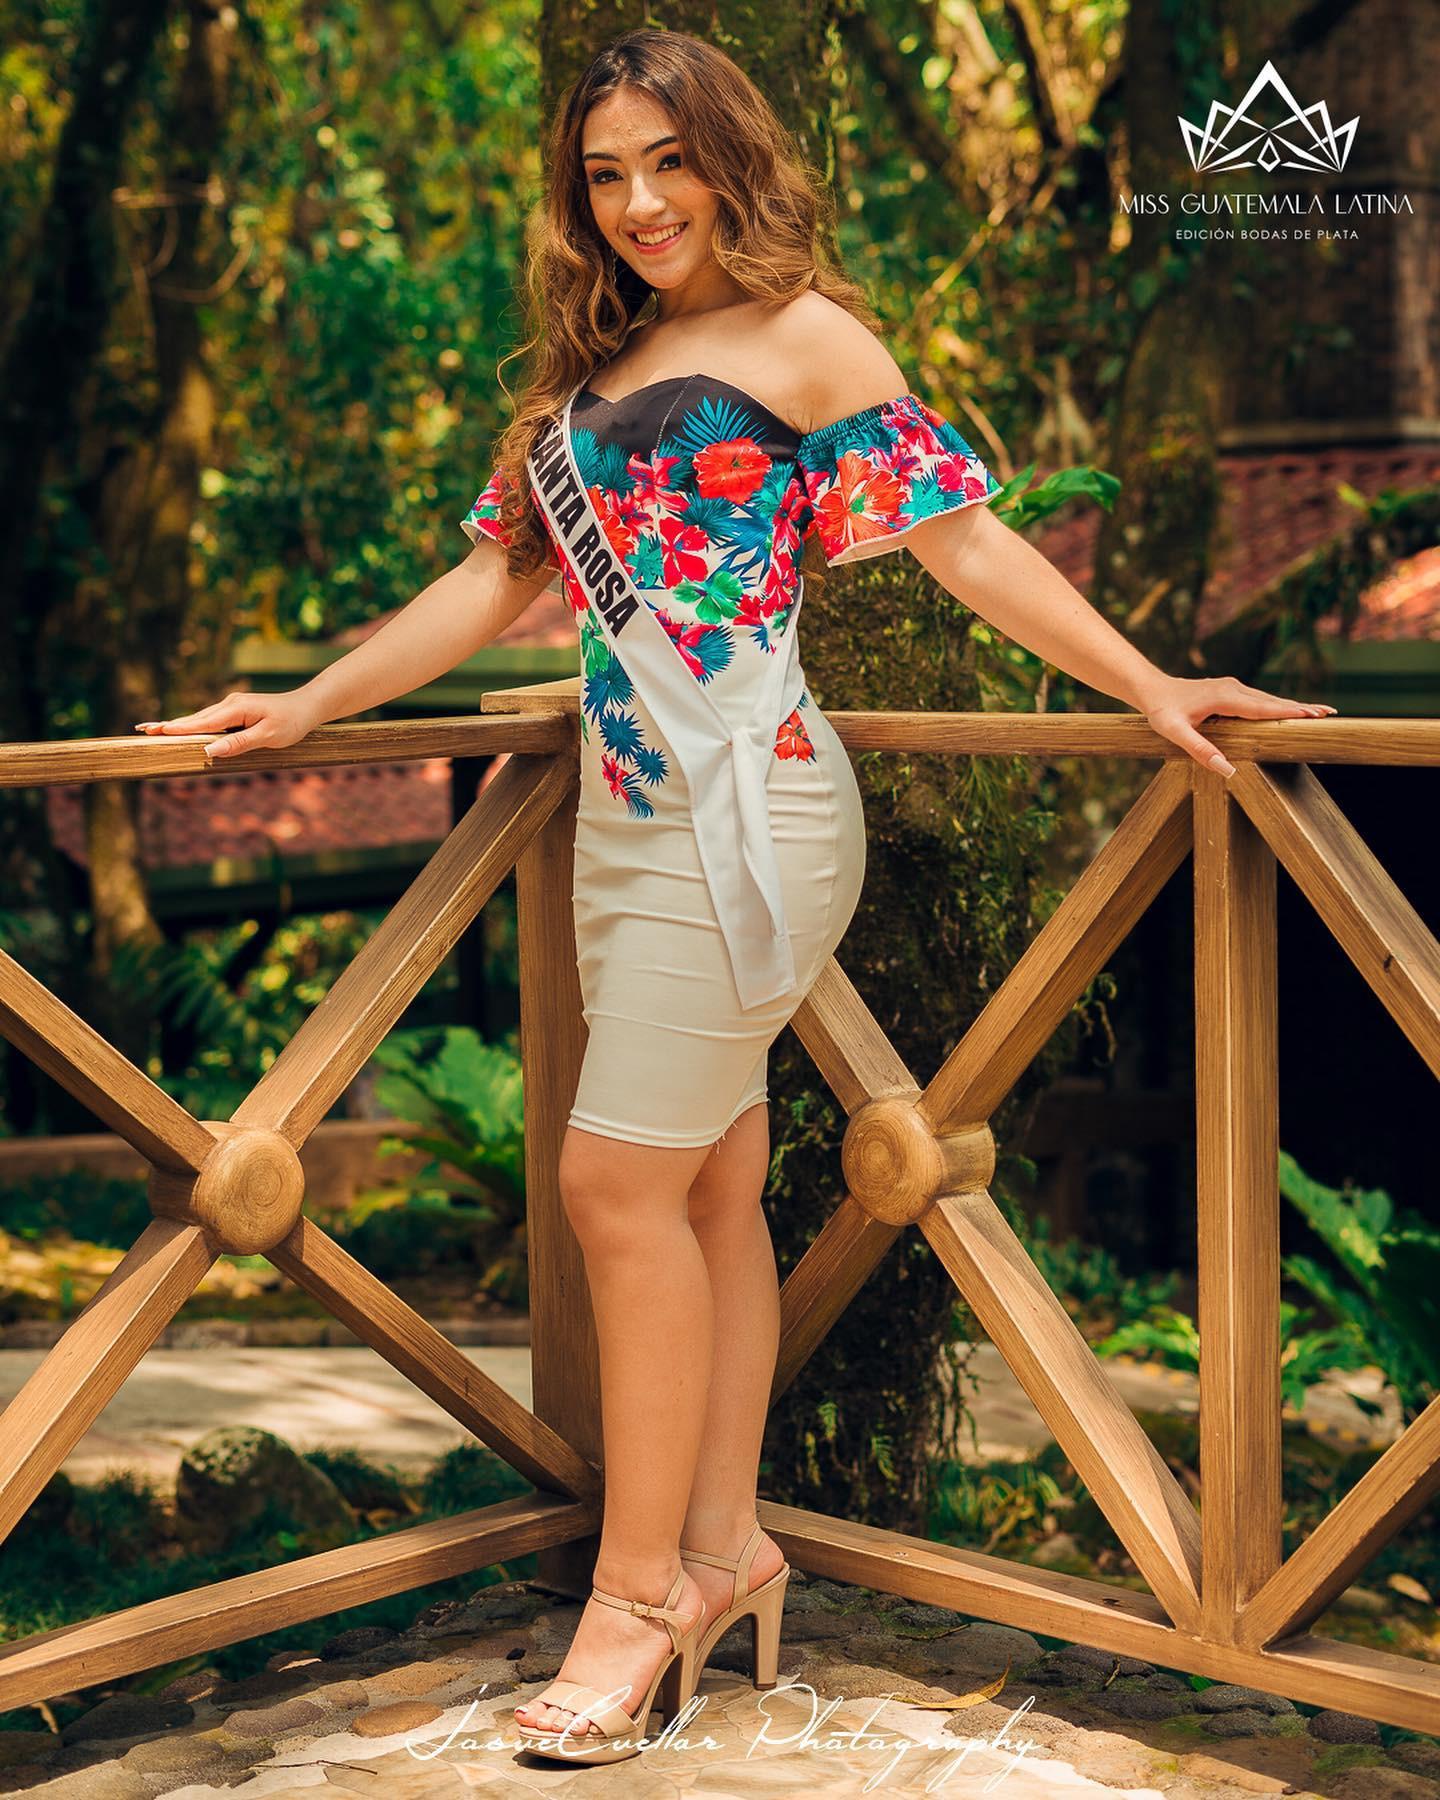 candidatas a miss guatemala latina 2021. final: 30 de abril. - Página 10 BFNICx